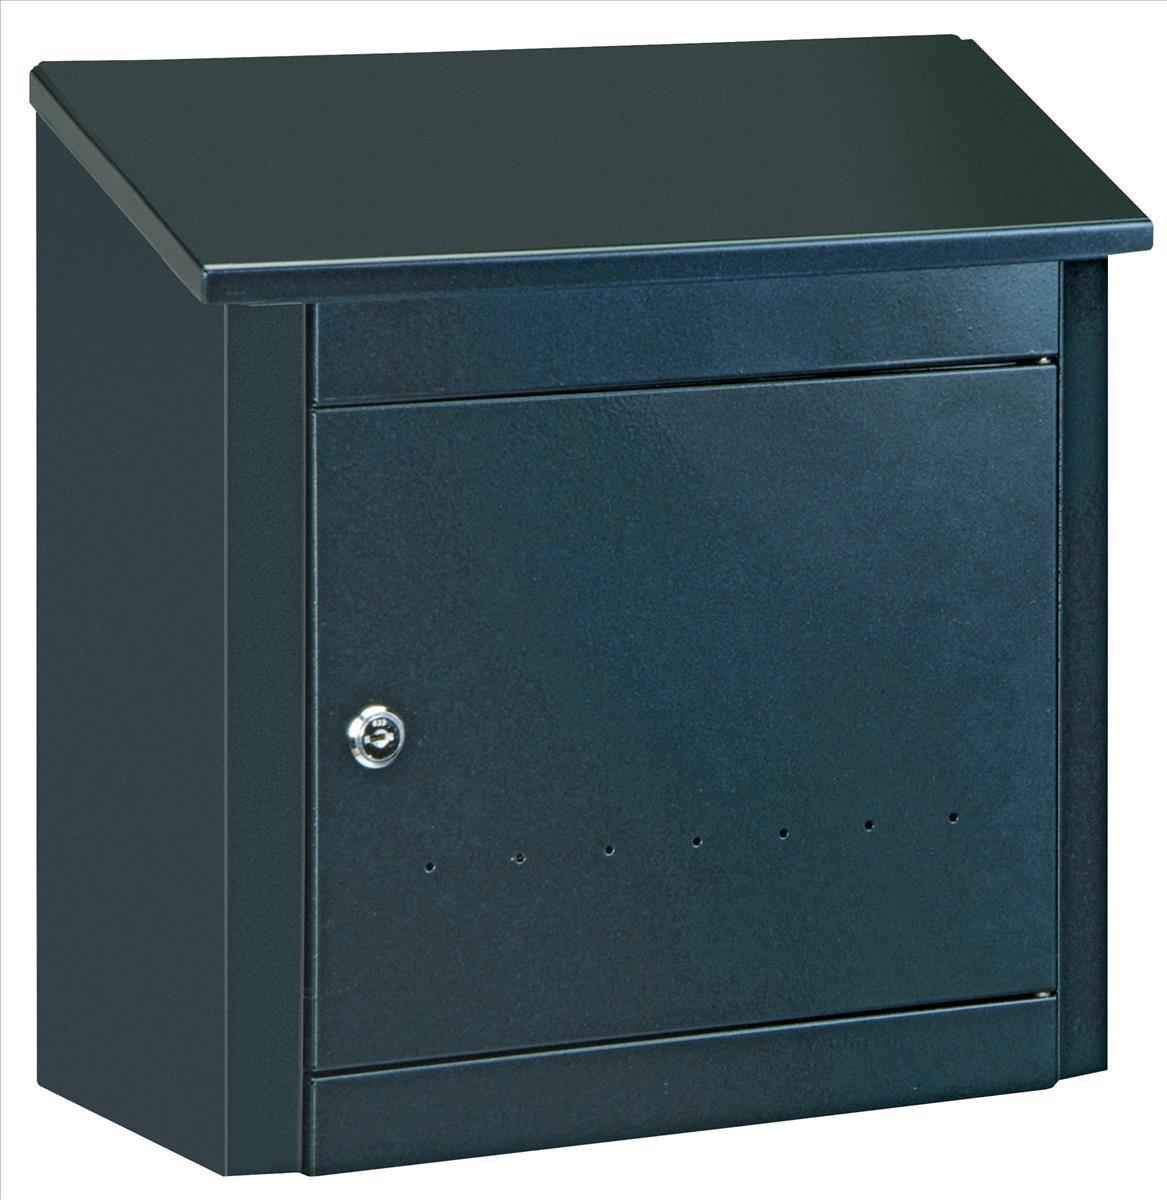 Rottner Turin Mailbox Black T04665